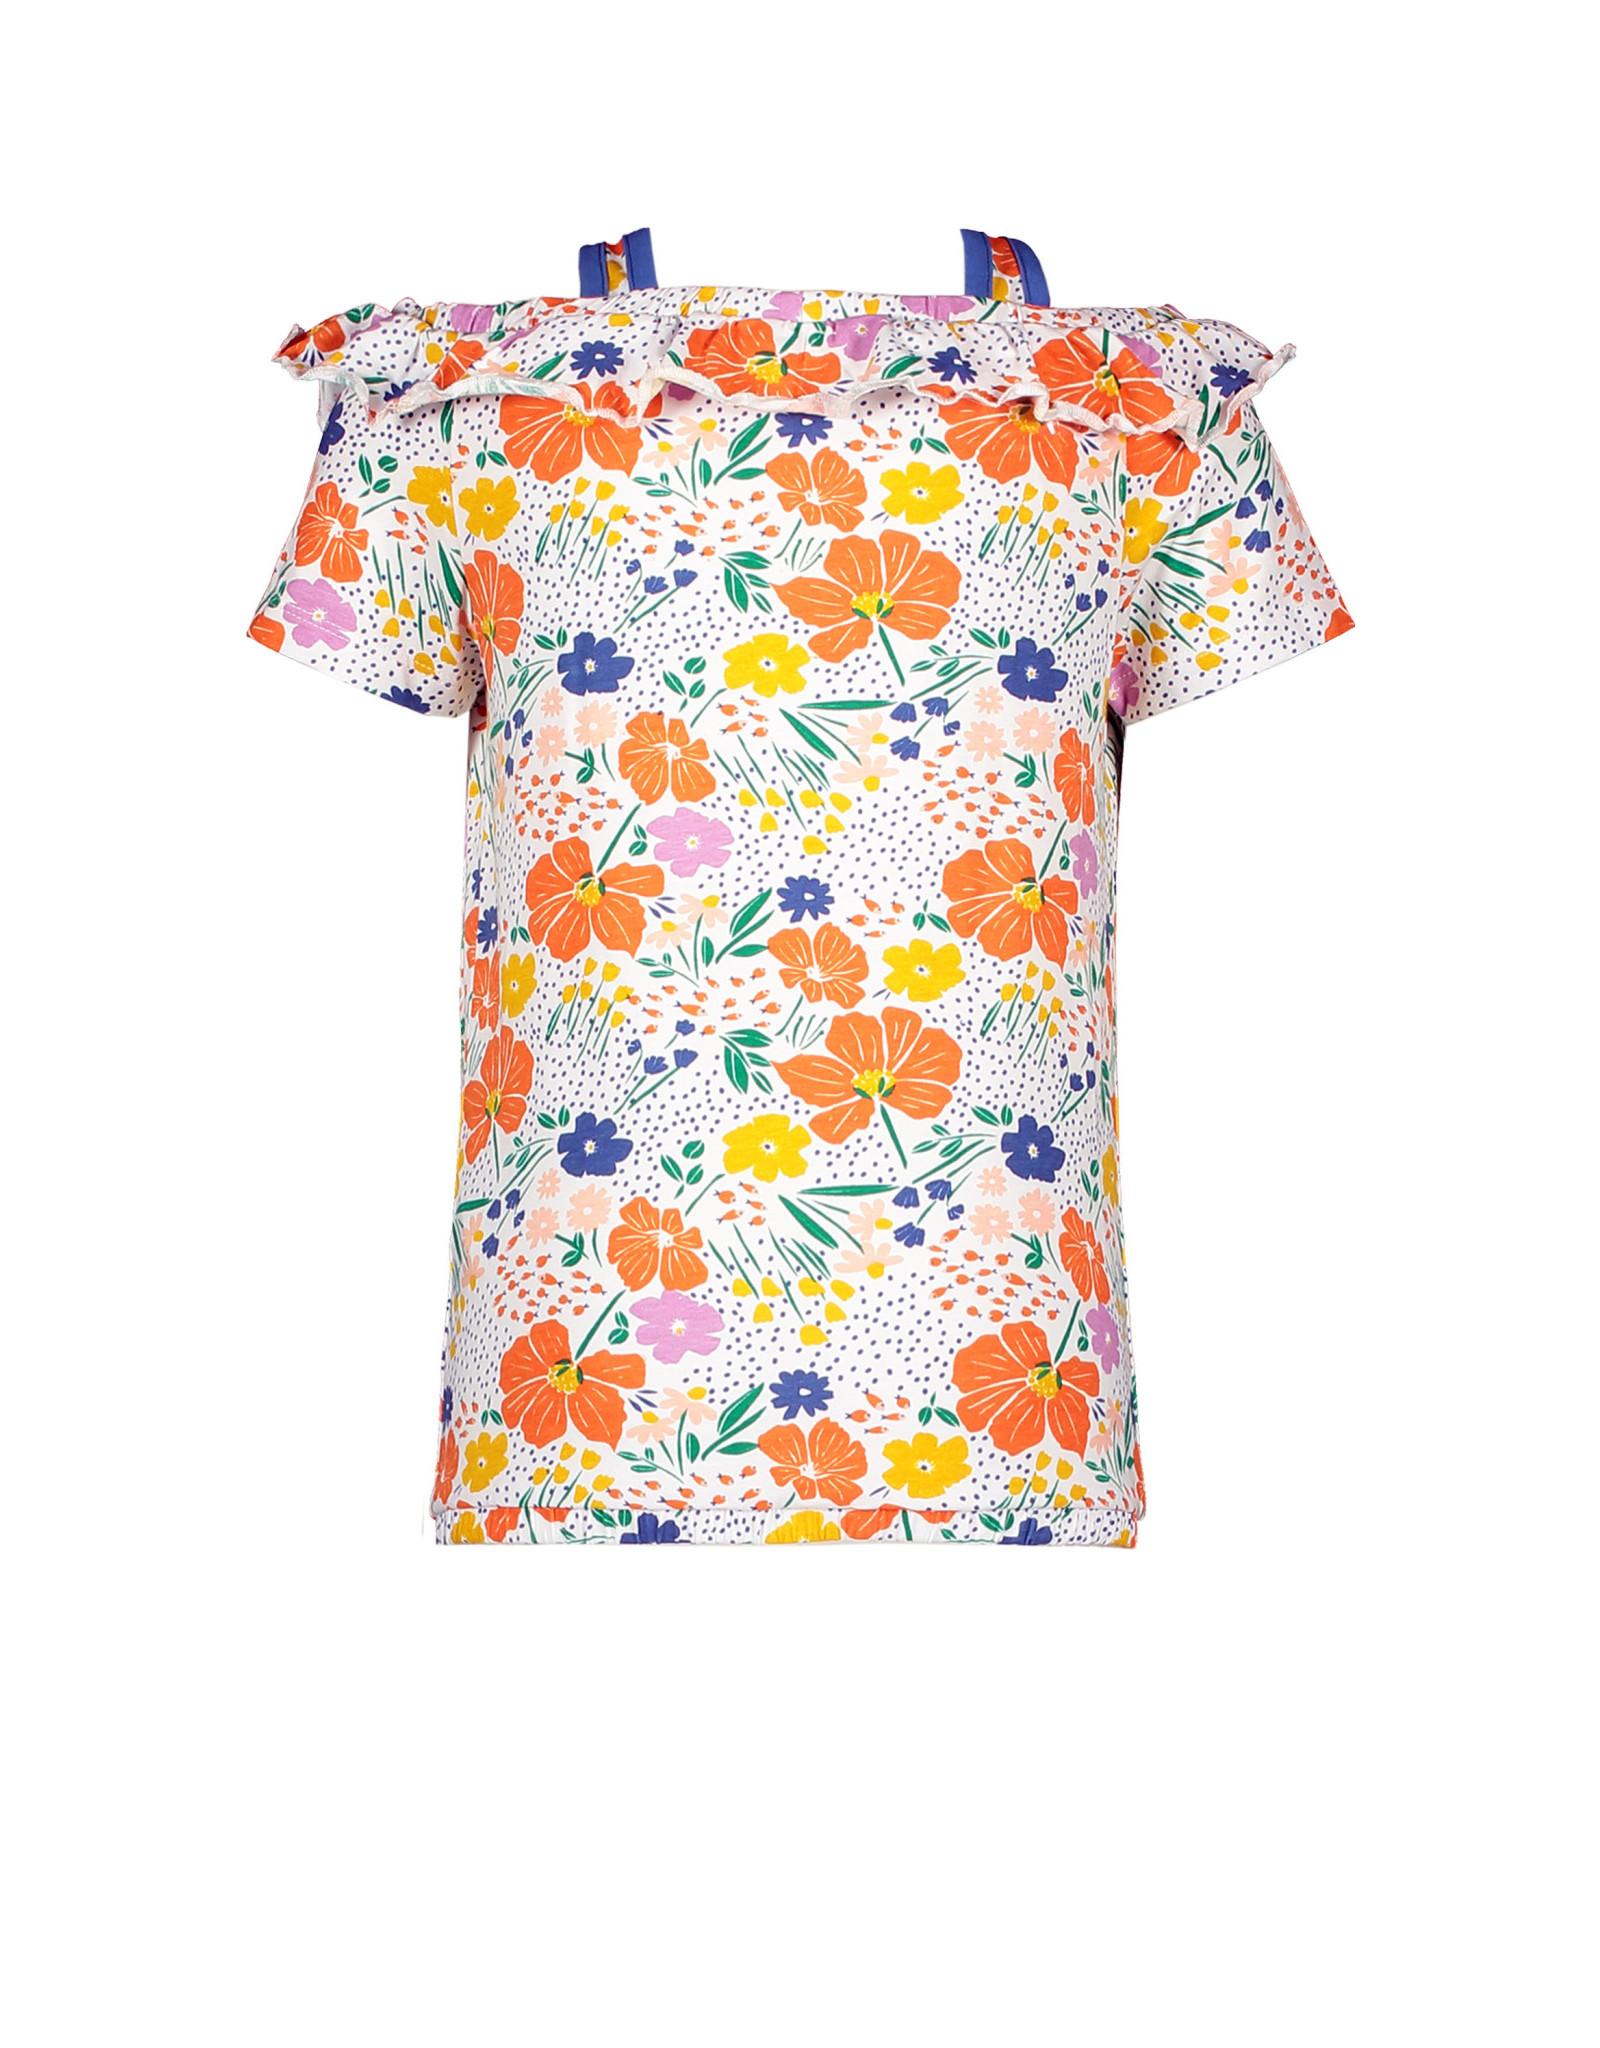 Moodstreet Moodstreet meisjes off shoulder t-shirt Orange